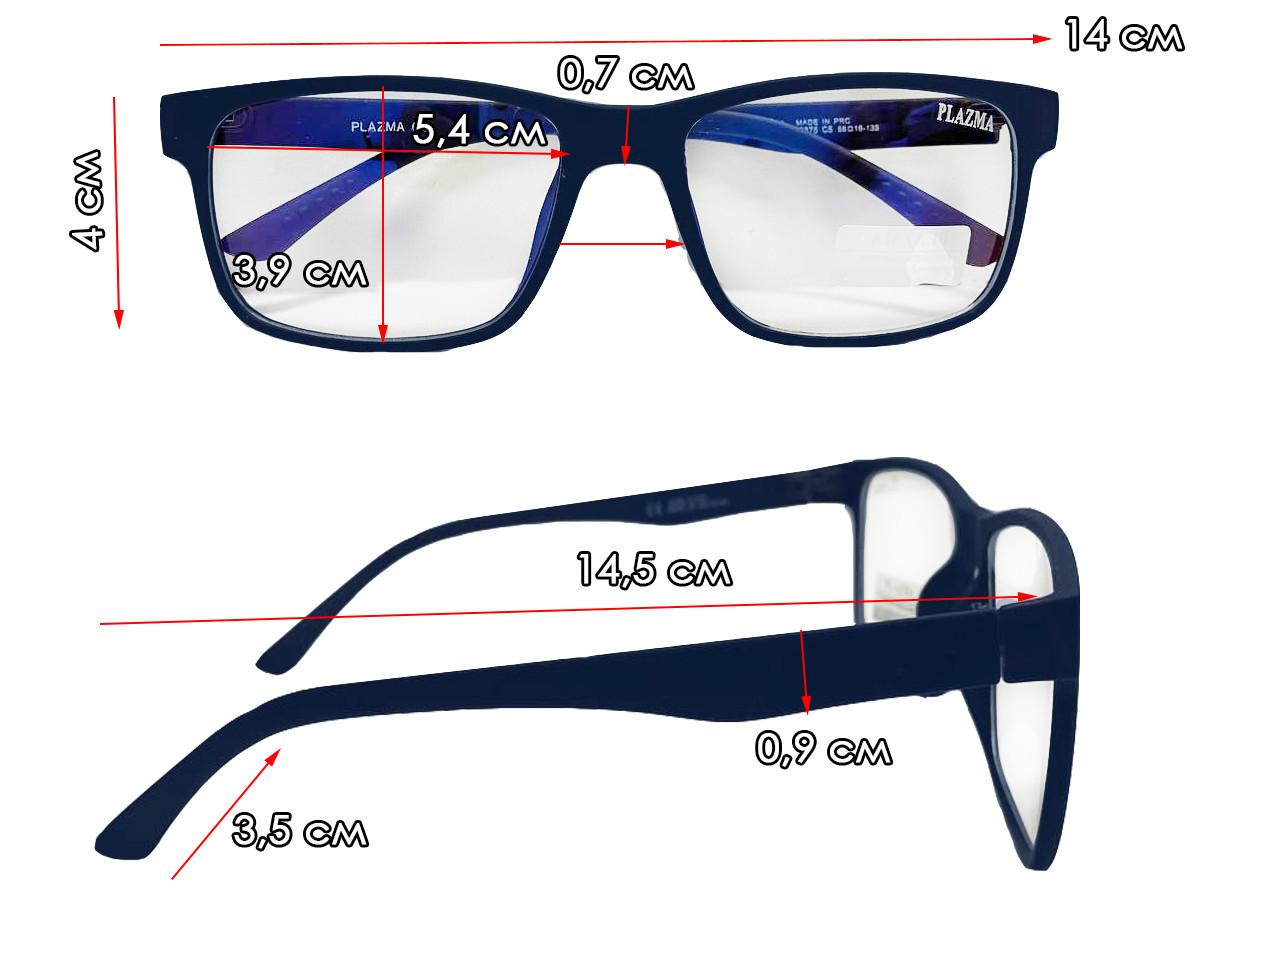 Компьютерные очки хамелеоны с тоненькой душкой узкая оправа матовая Plazma темно-синие - фото 2